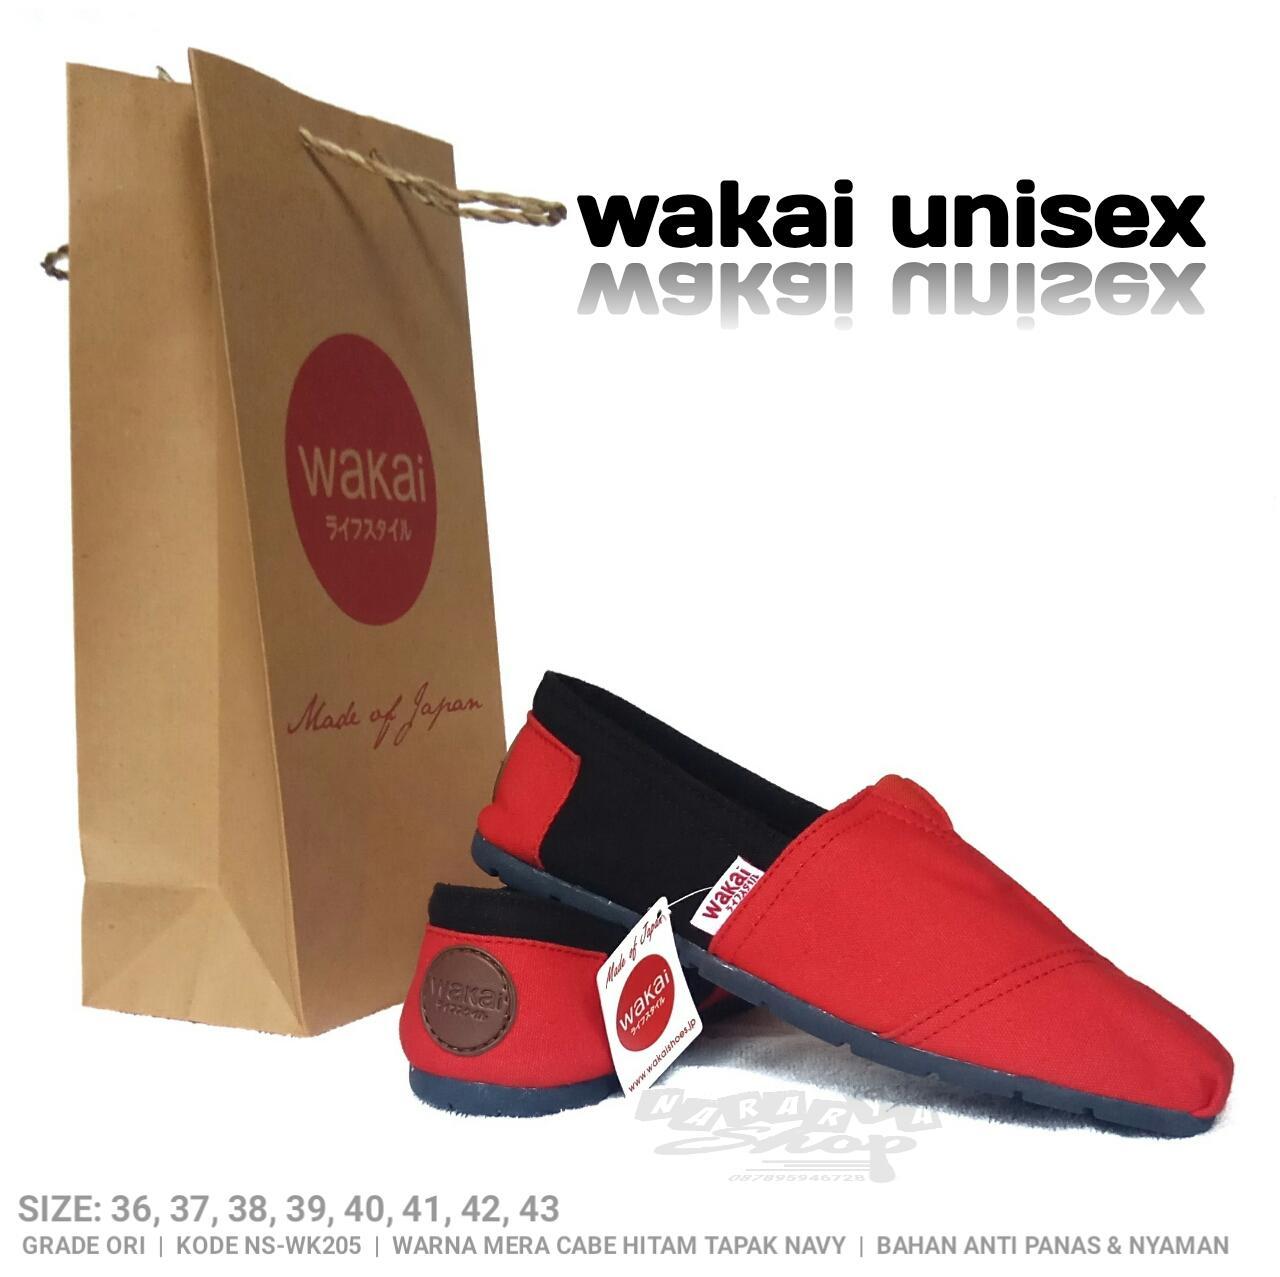 Sepatu wakai merah hitam sepatu unisex sepatu pria sepatu wanita sepatu wakai